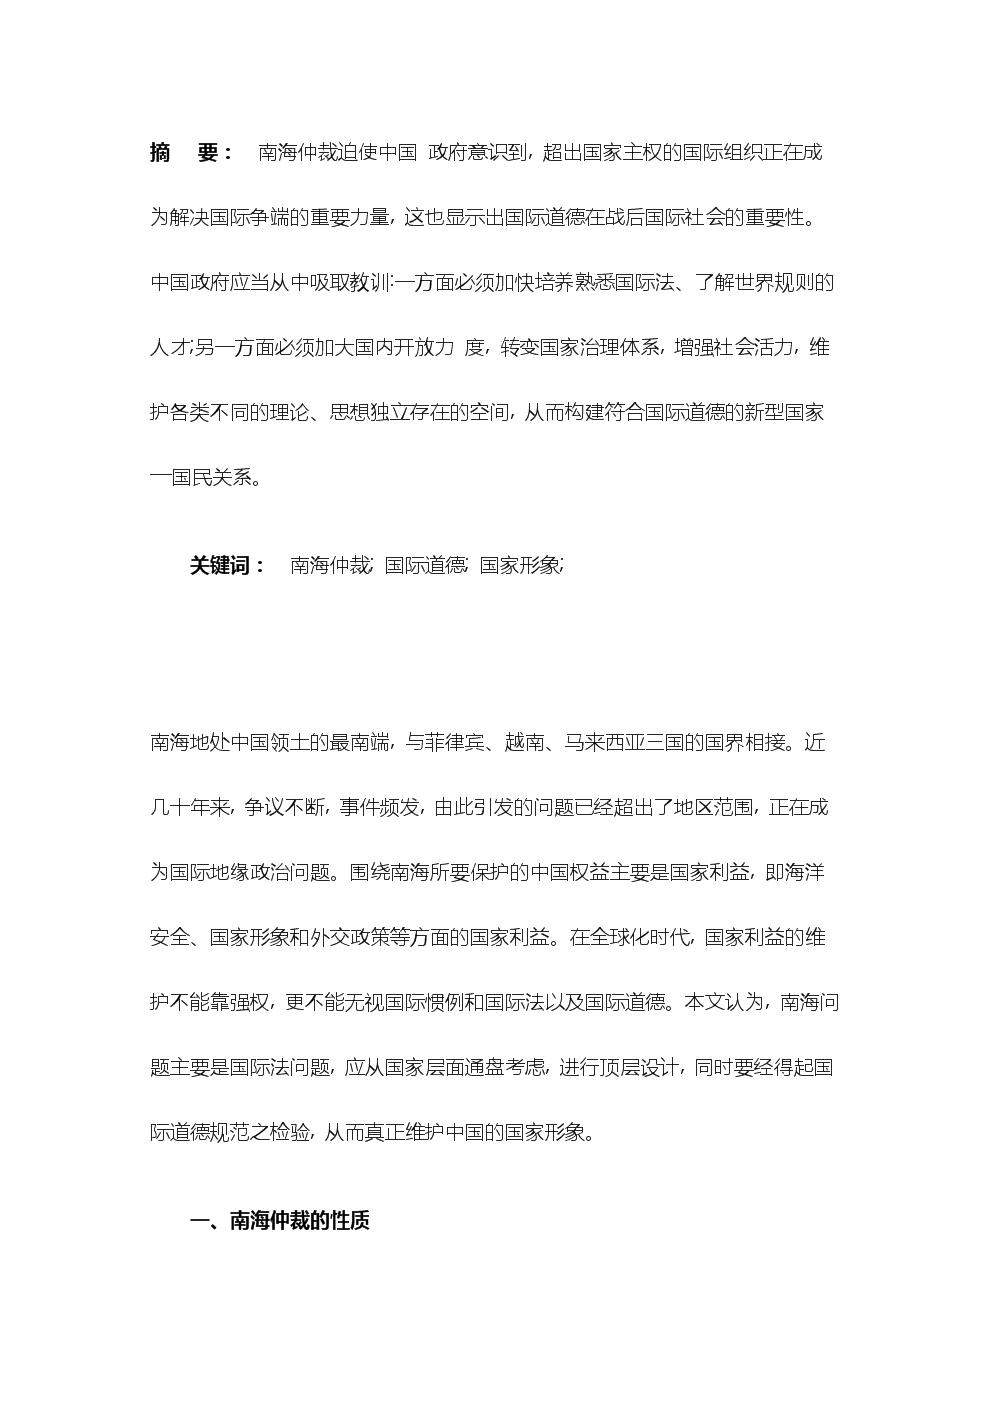 2019南海争端与中国国家道德形象探析.docx